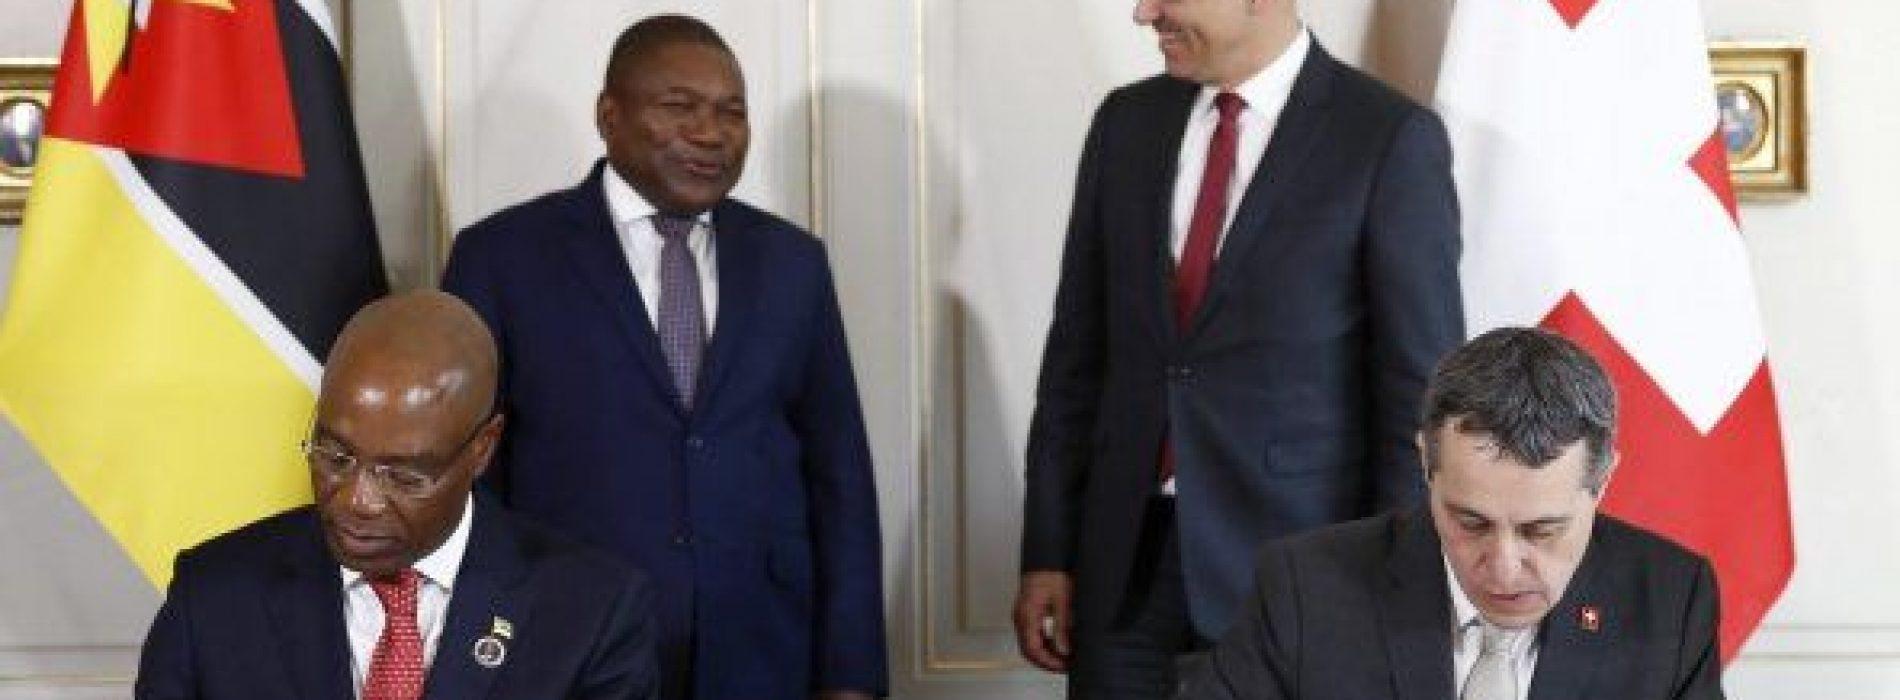 """La Svizzera vuole introdurre la """"Pax helvetica"""" in Africa"""